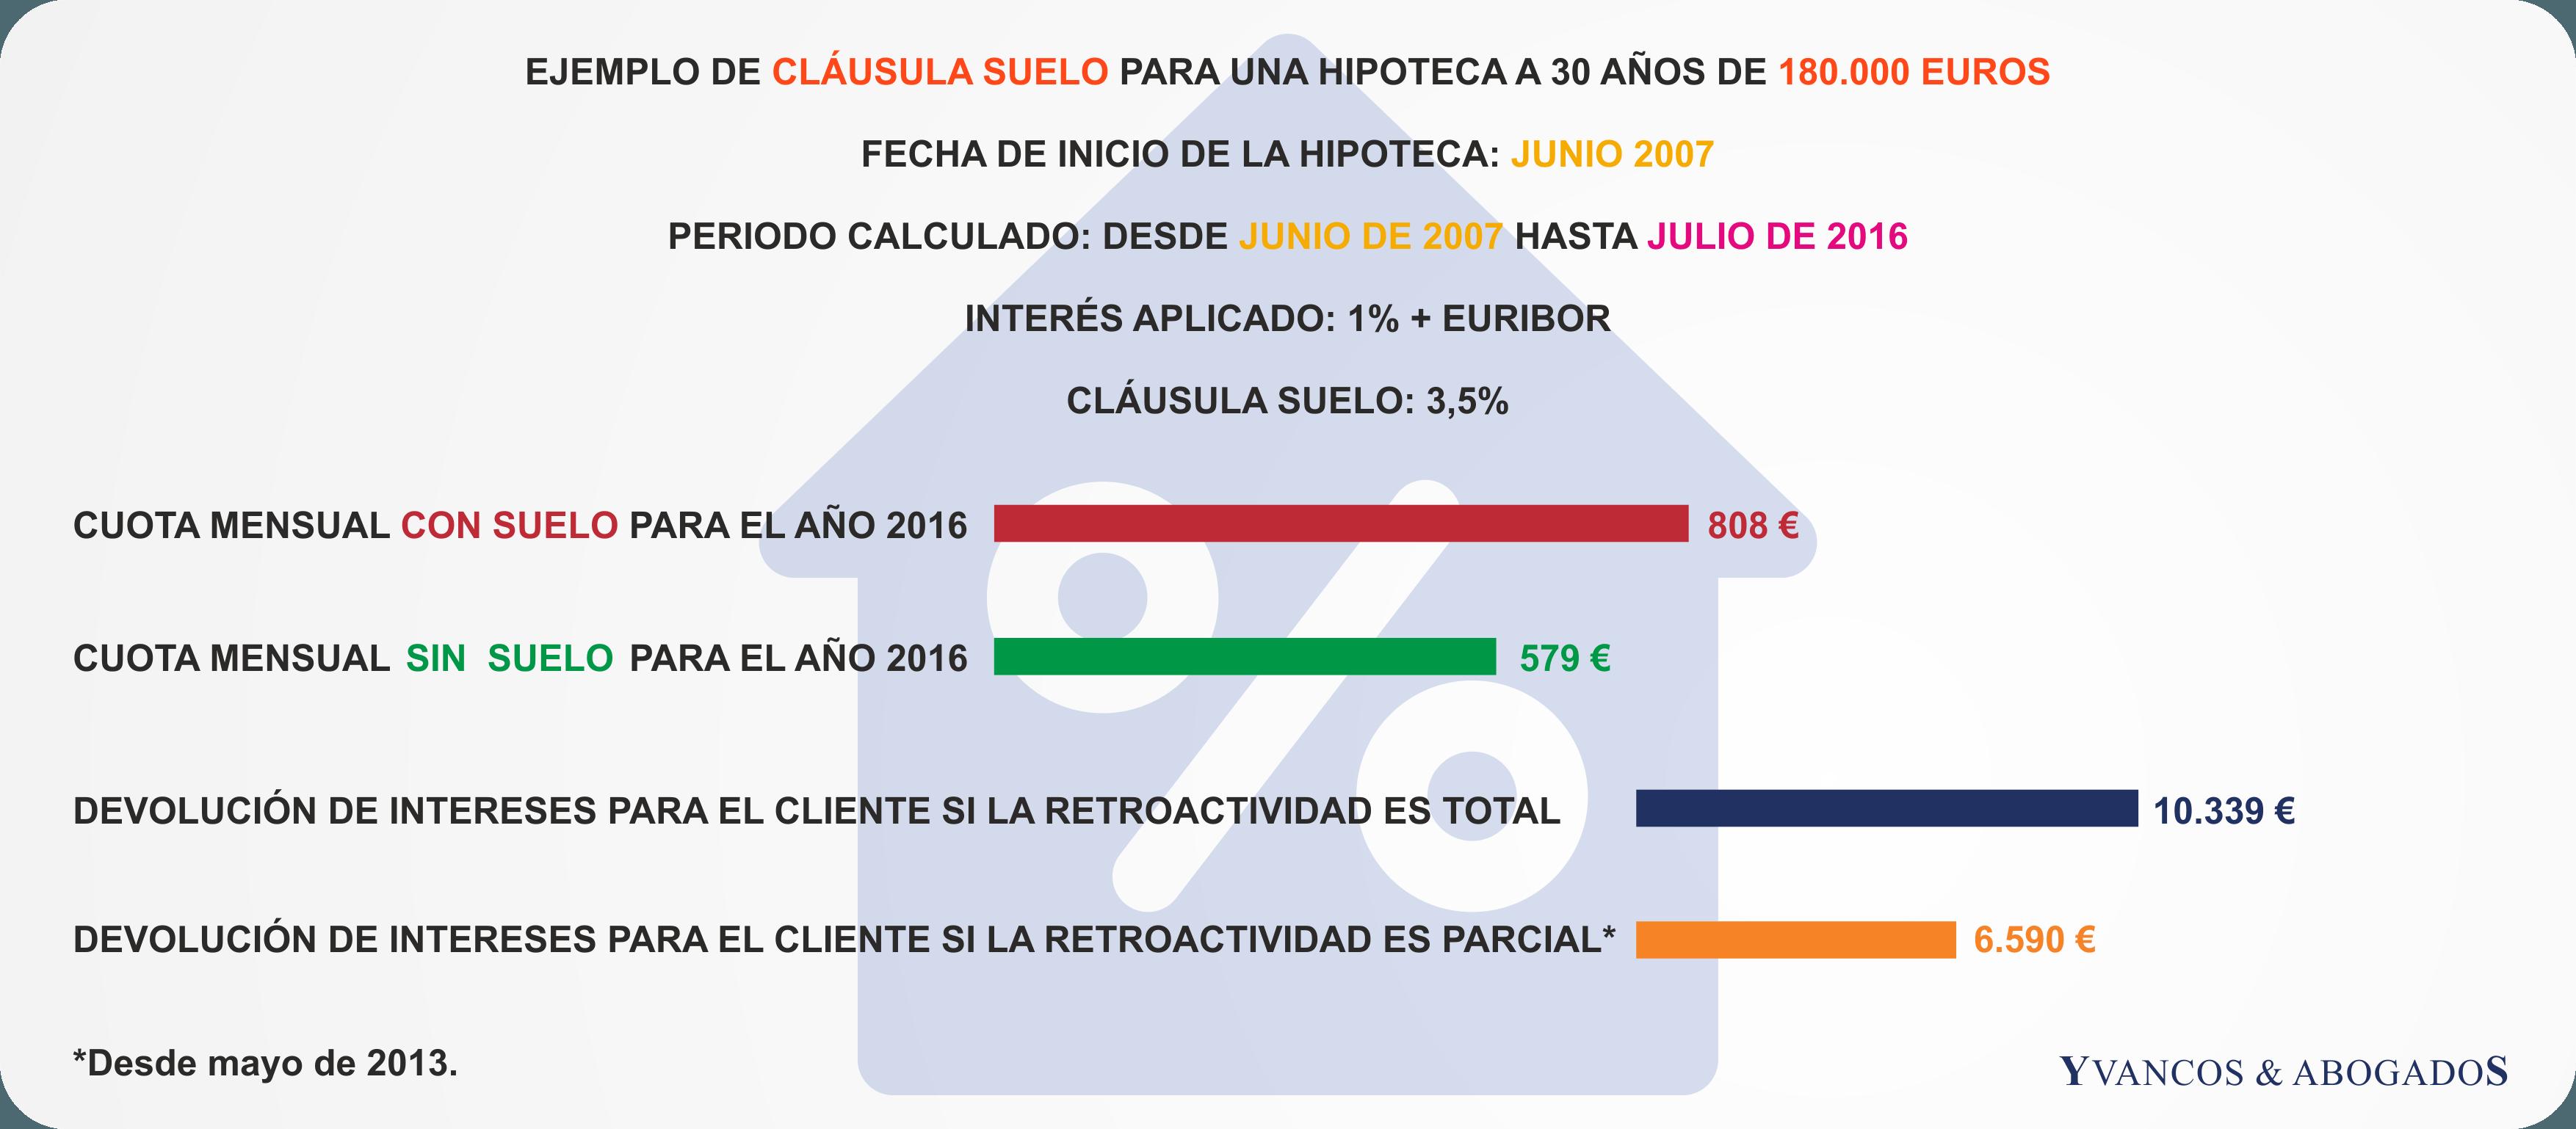 Nueva sentencia de cl usula suelo con retroactividad total for Sentencia clausula suelo